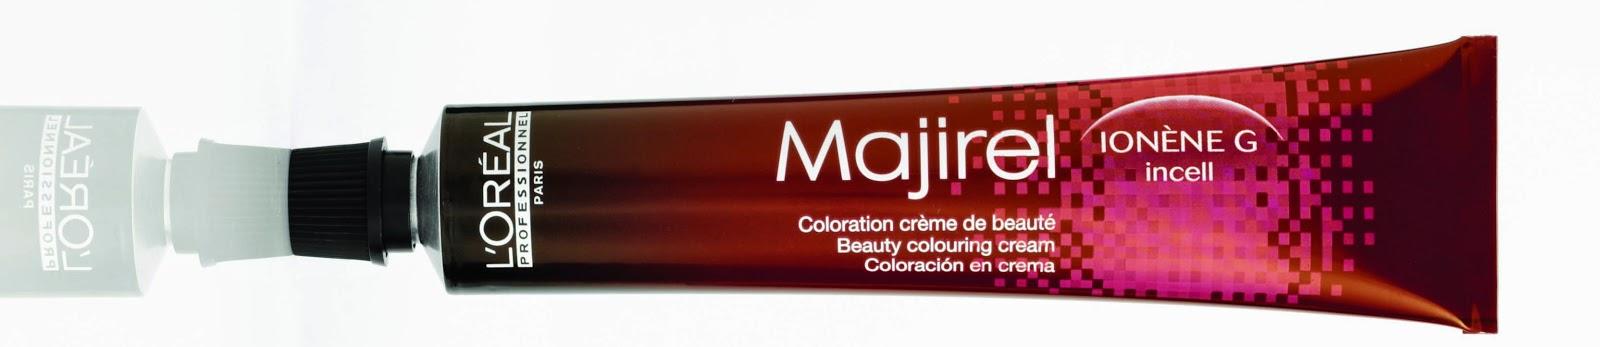 tubo de tinte majirel